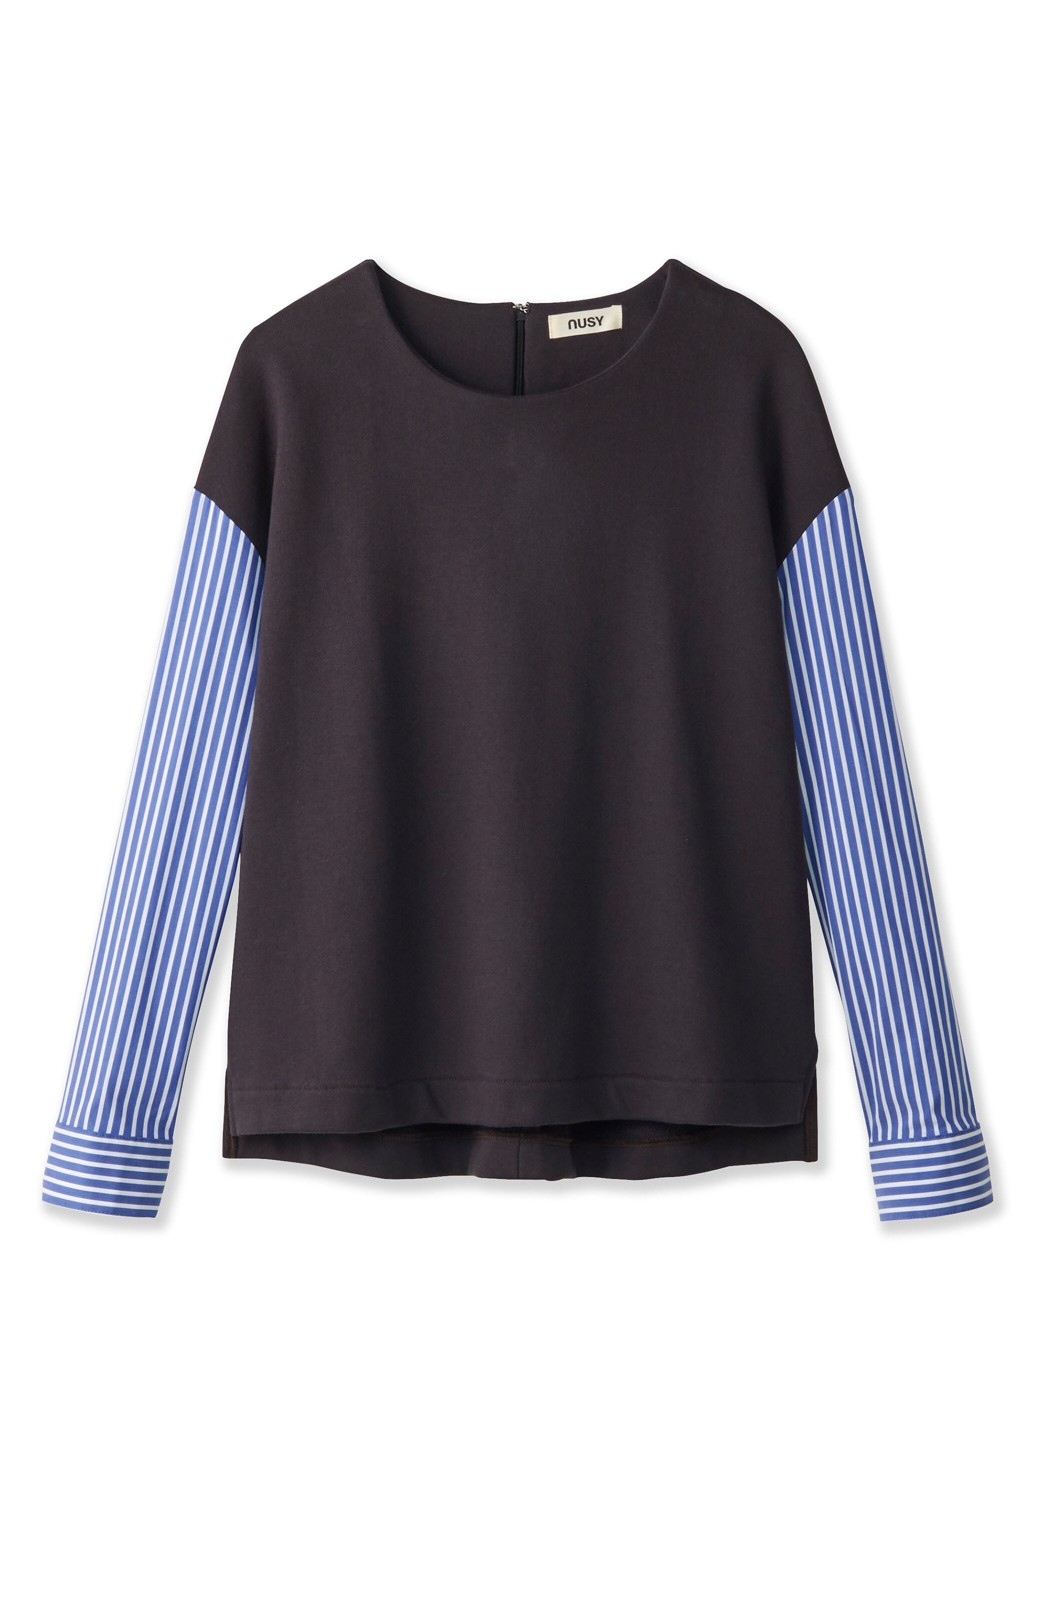 nusy ぱっと着るだけで簡単なのにスウェットより油断してなく見える、シャツ袖スウェット <チャコールグレー>の商品写真1